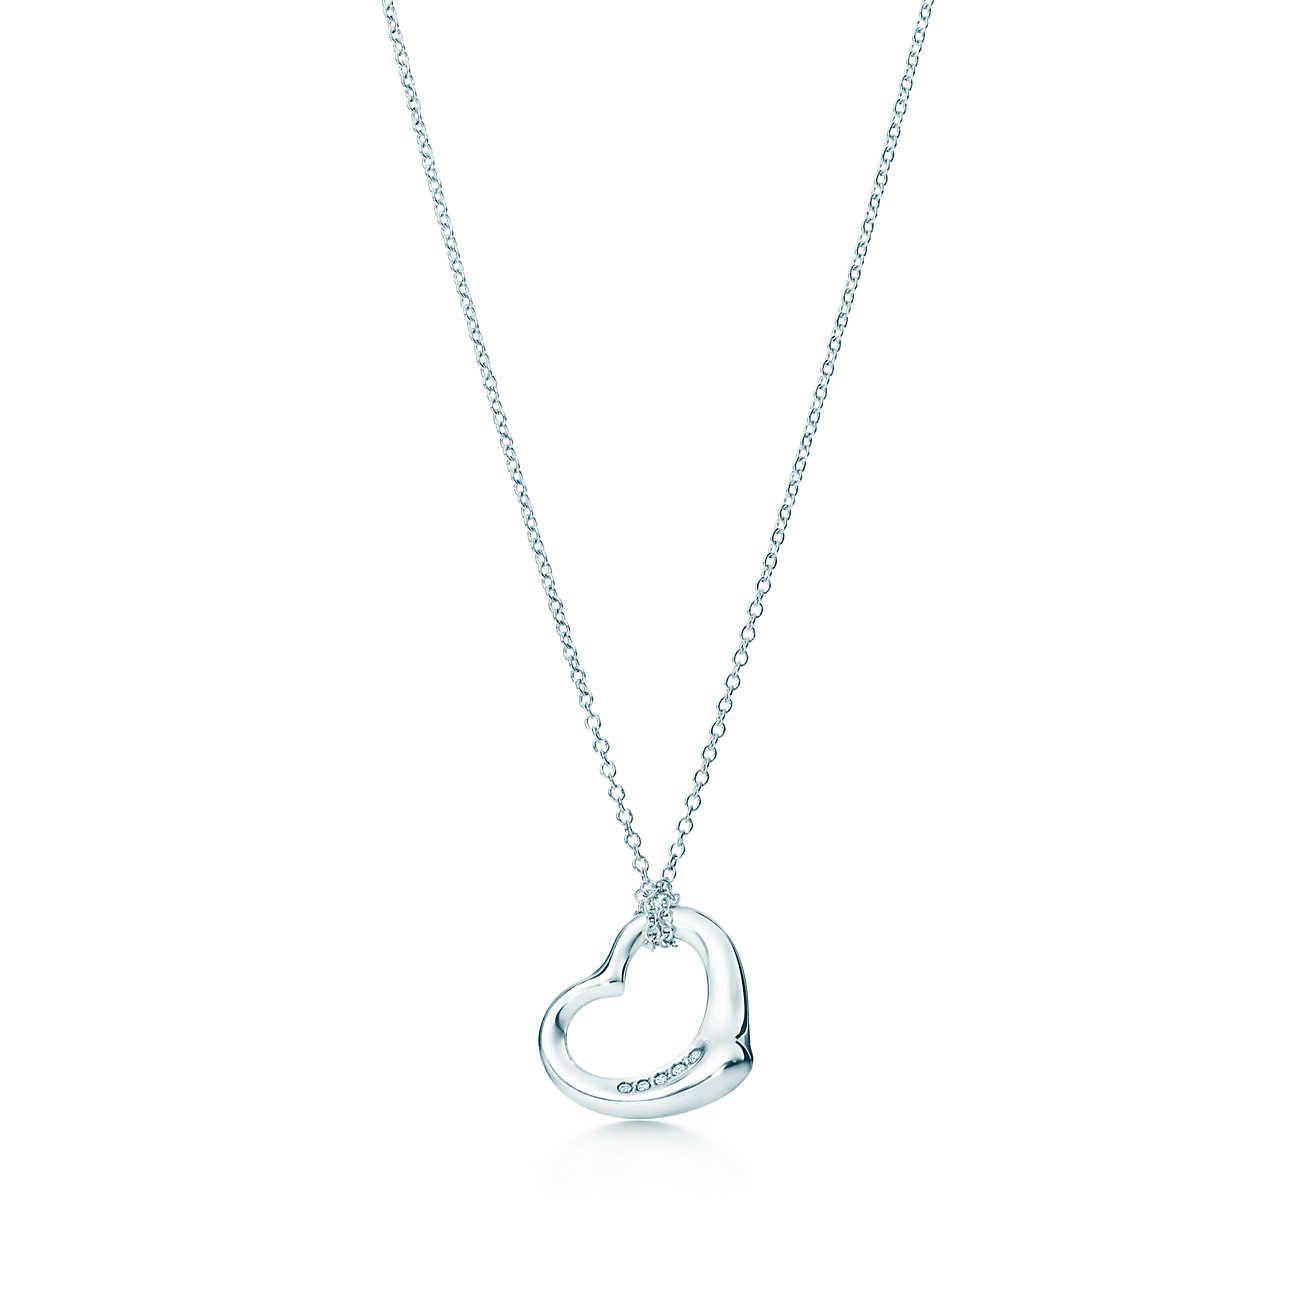 b30afdb85 Open Heart Pendant in 2019 | jewelry | Elsa peretti, Tiffany blue ...